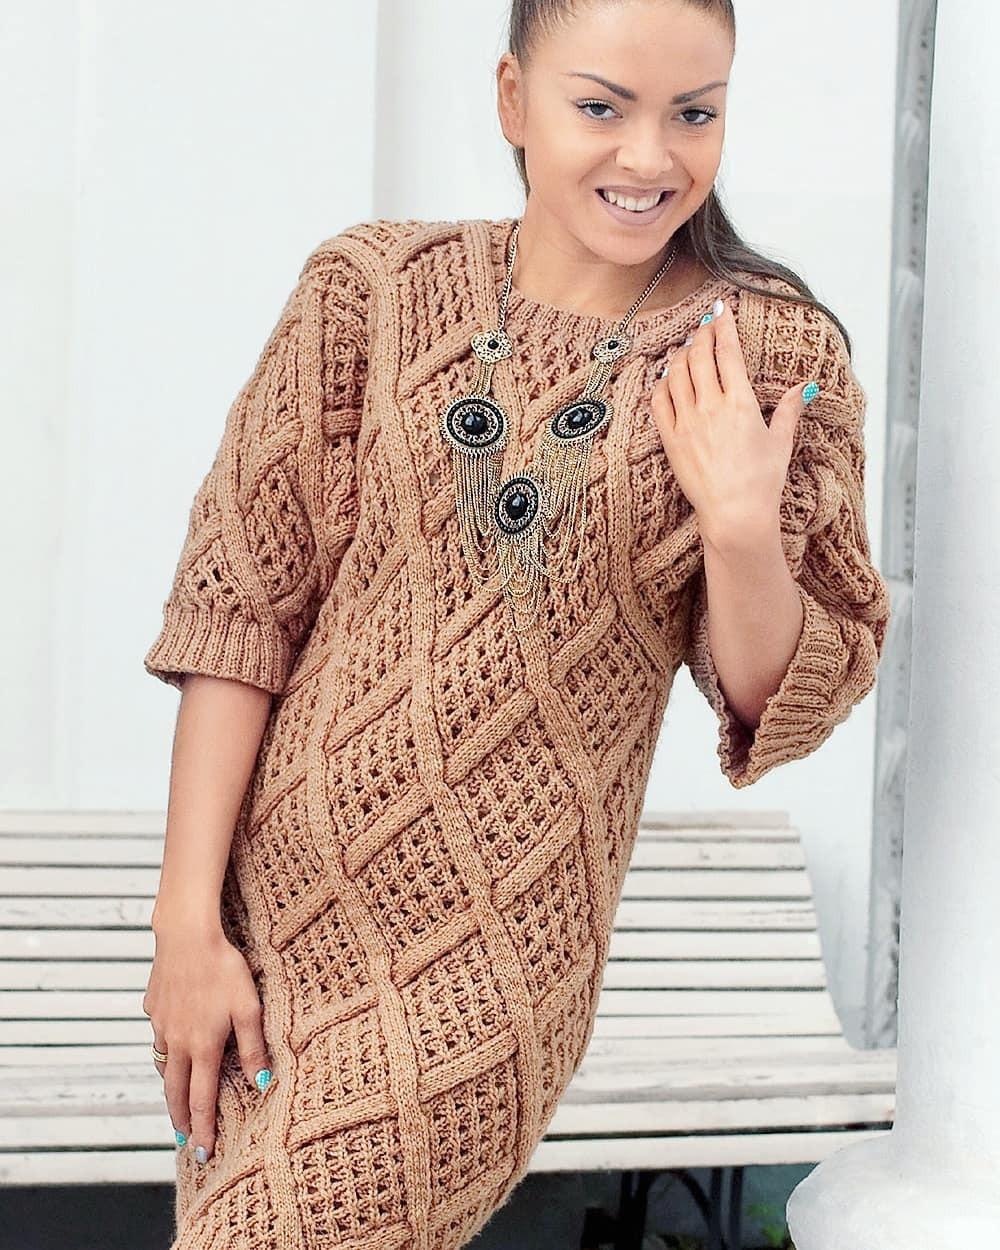 Нарядное вязаное платье с ажурными ромбами. И в пир, и в мир!